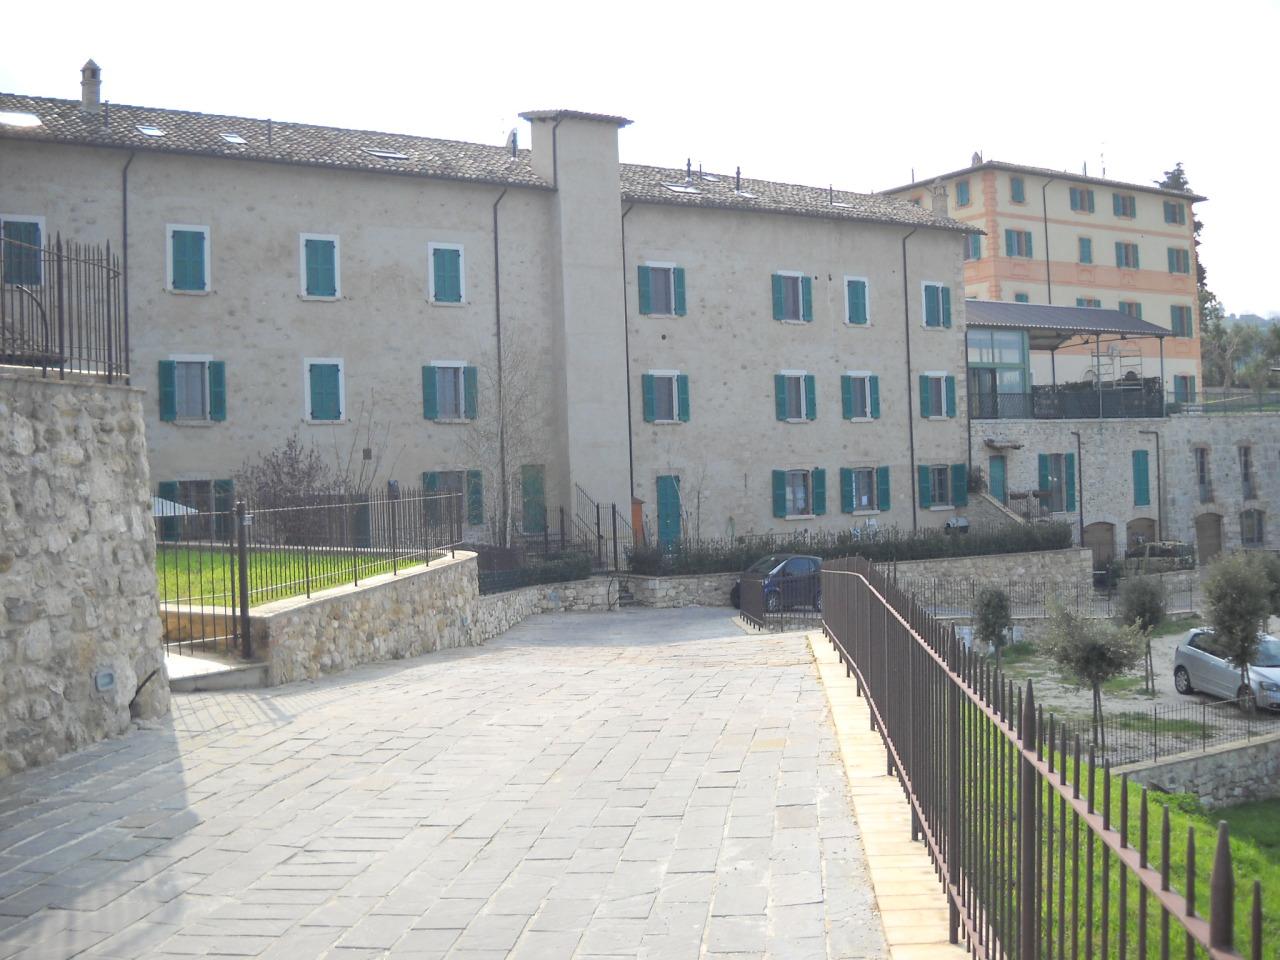 Appartamento in vendita a Ascoli Piceno, 3 locali, zona Località: Cavignano, prezzo € 98.000 | Cambio Casa.it